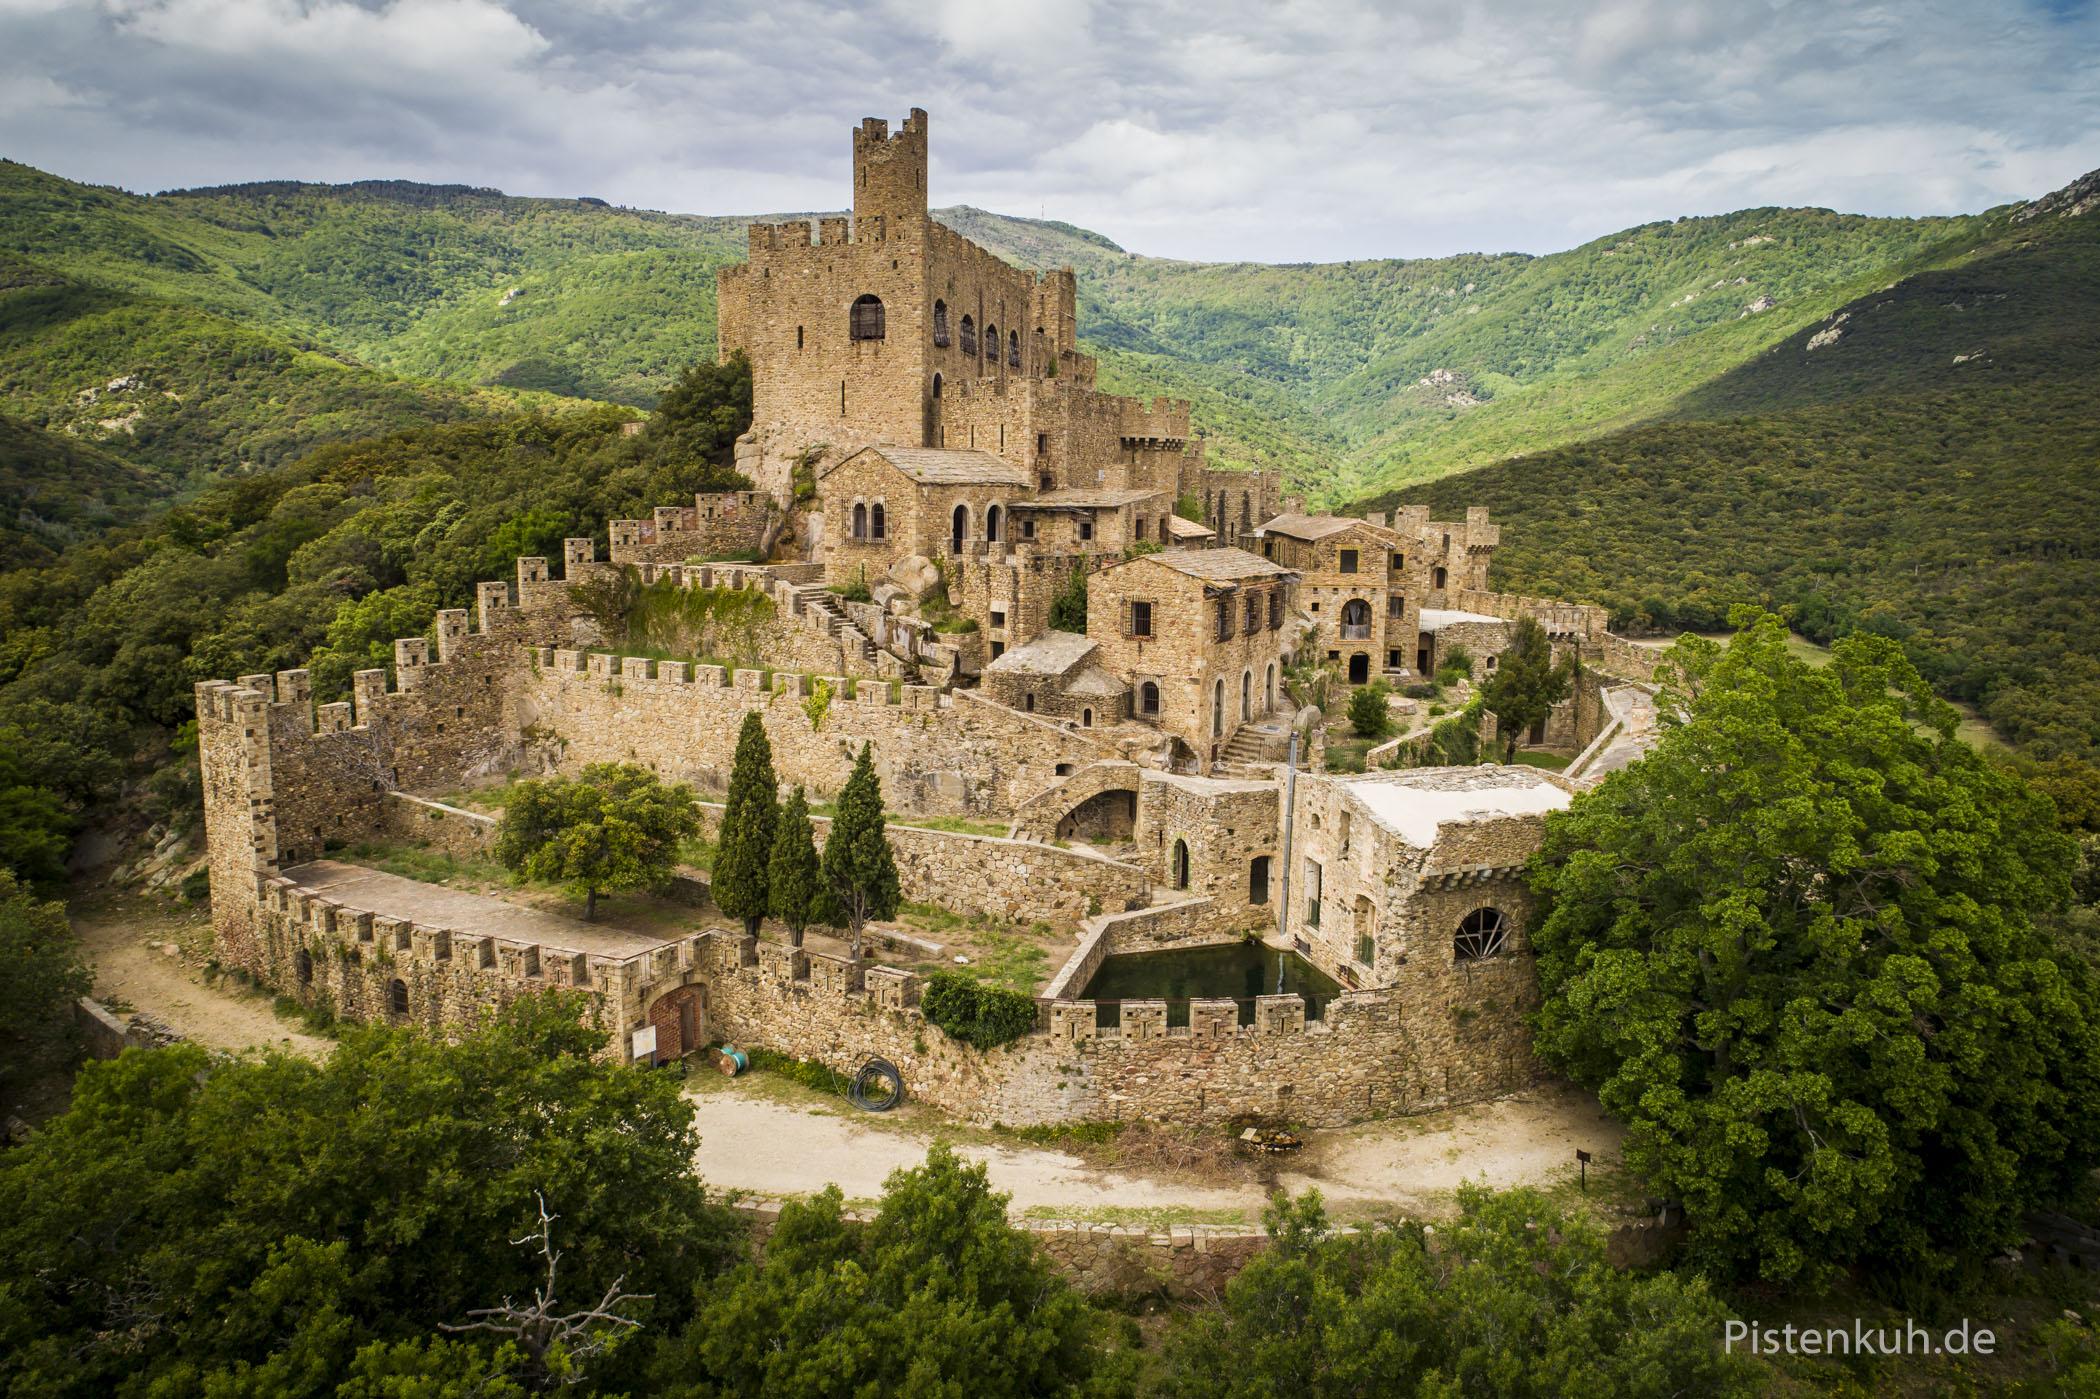 Die alte Burganlage liegt verlassen im Wald.